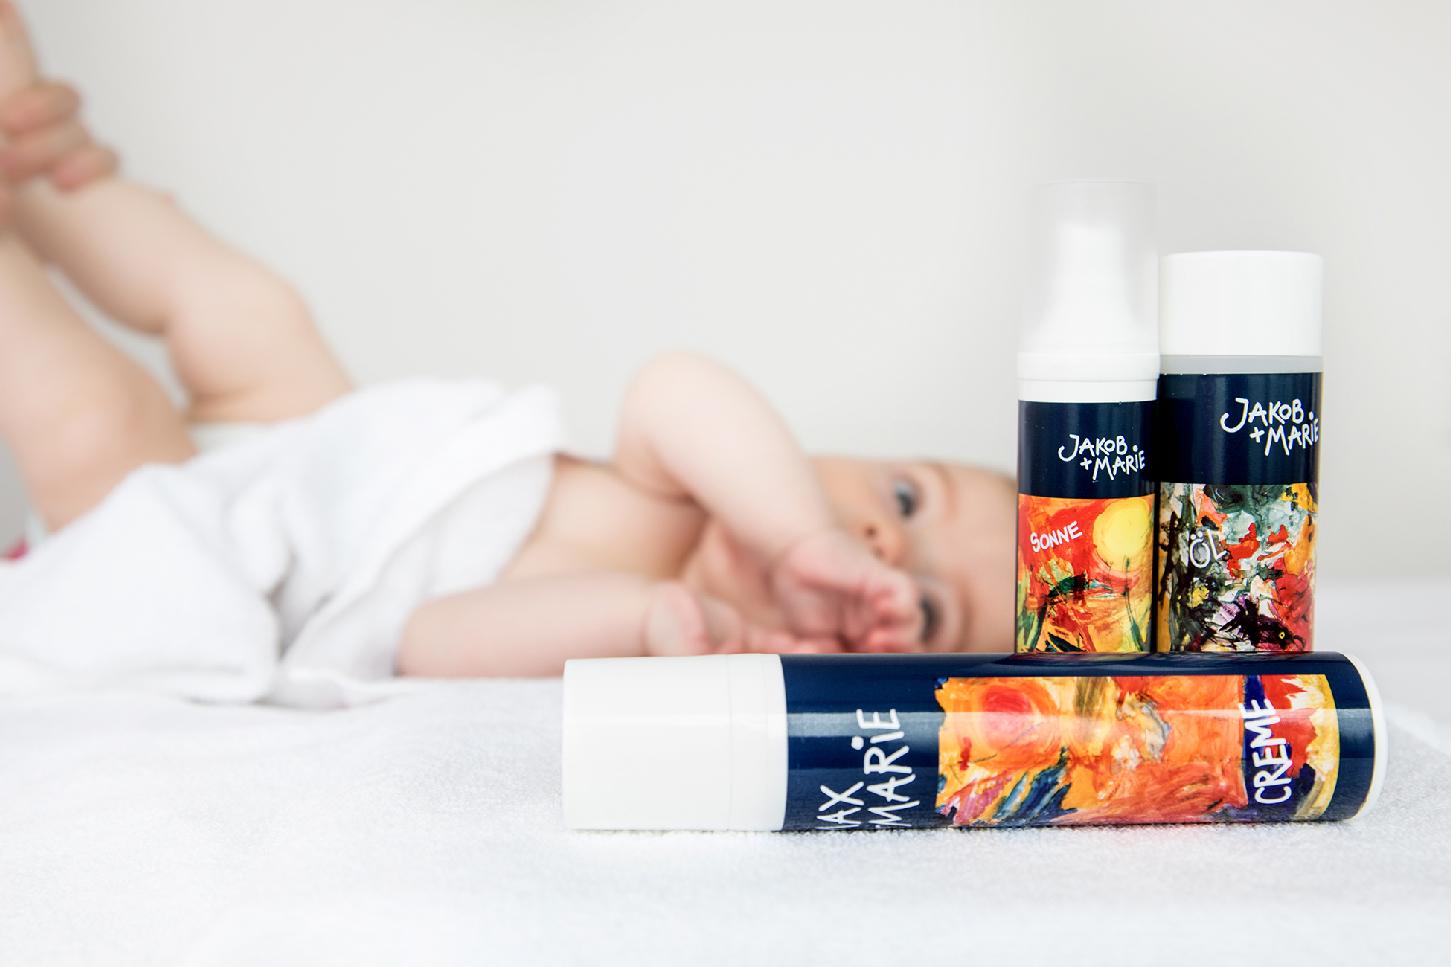 ES6A0123edit -  Mythos milde Babypflege